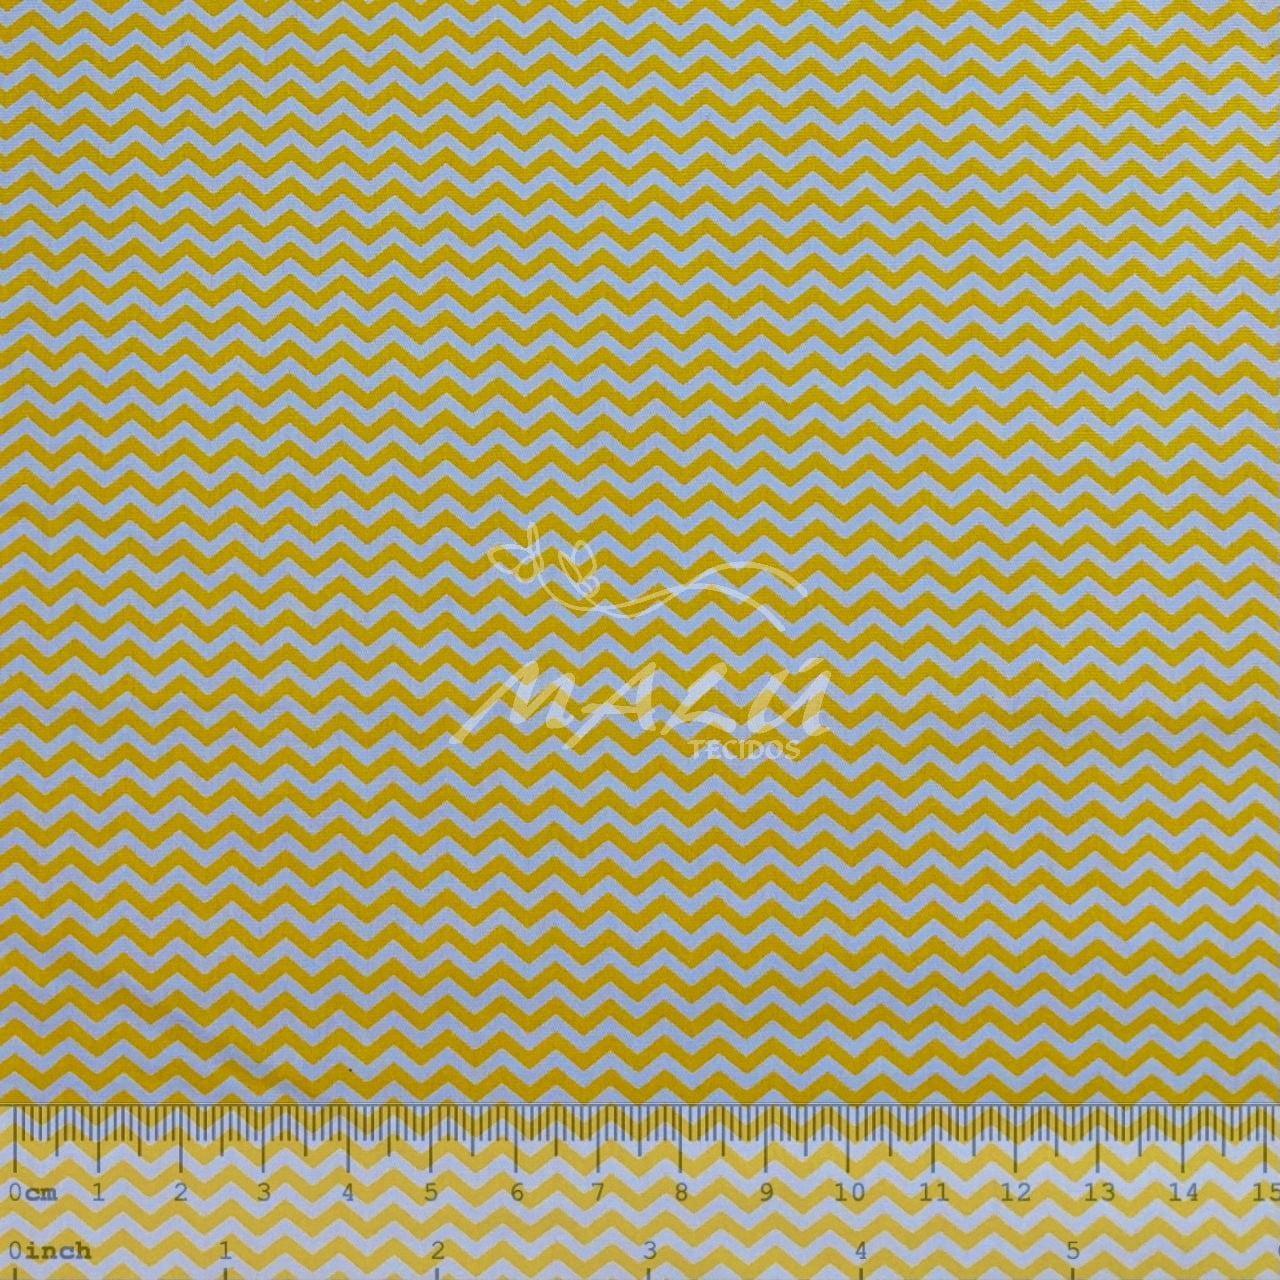 Tricoline Chevron Amarelo e Branco